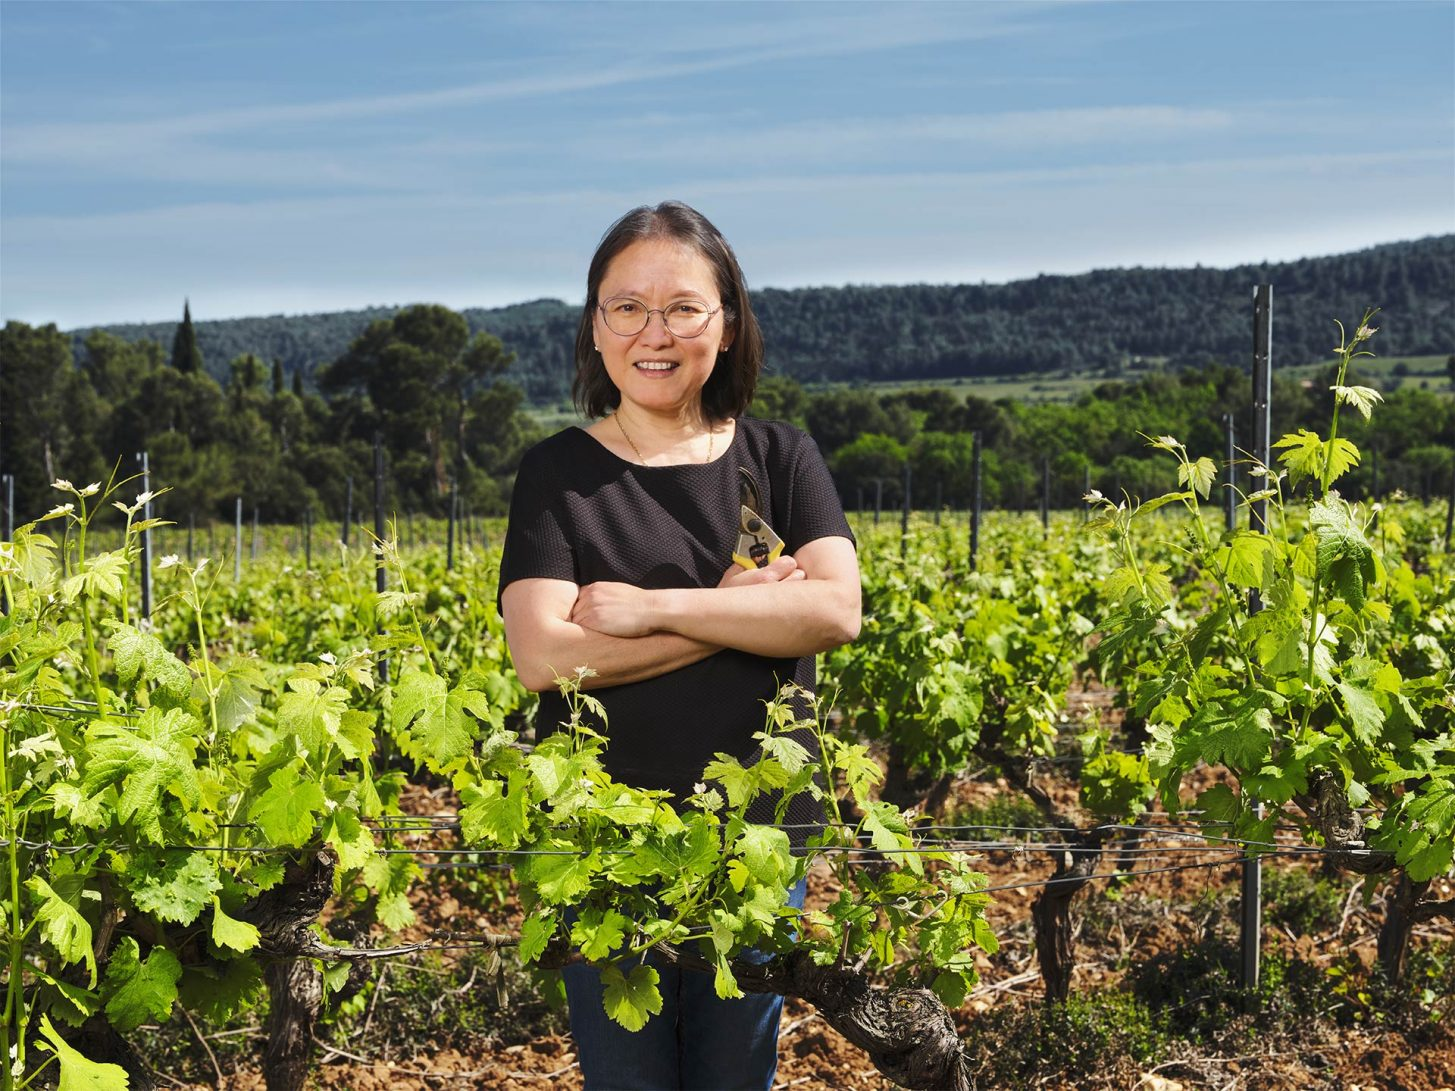 Producteurs de vins dans son domaine viticole audois ©Benoit Guerry - Studio ZE - ADT de l'Aude